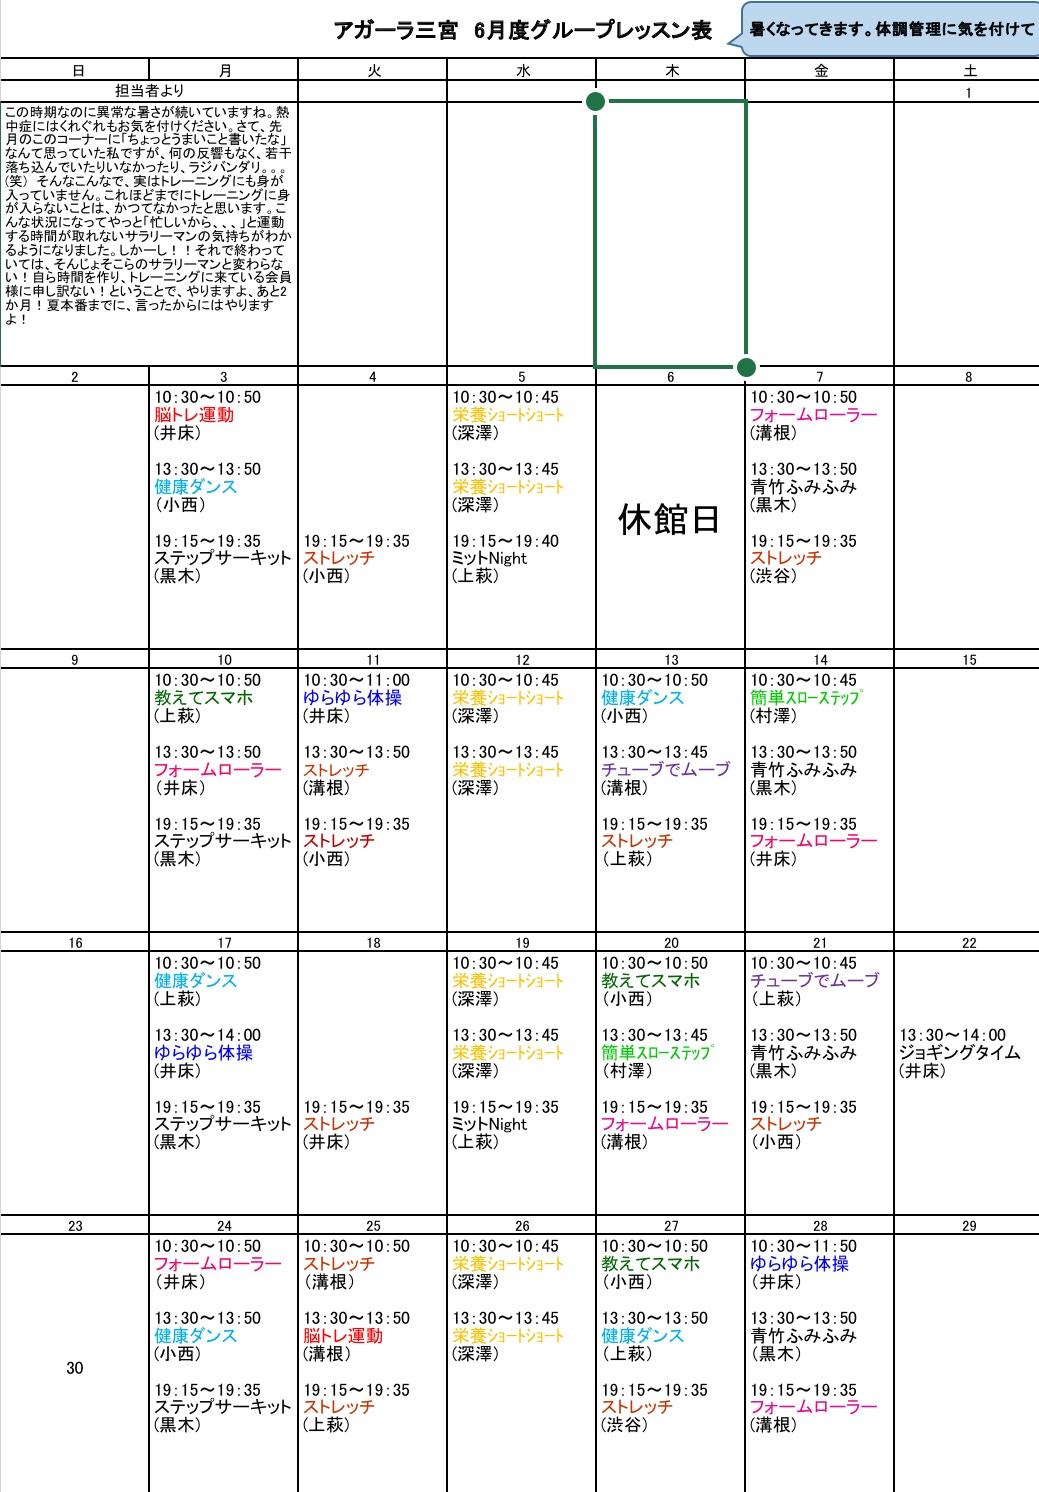 50BB3418-074C-4F38-867B-28A8CF62AA61